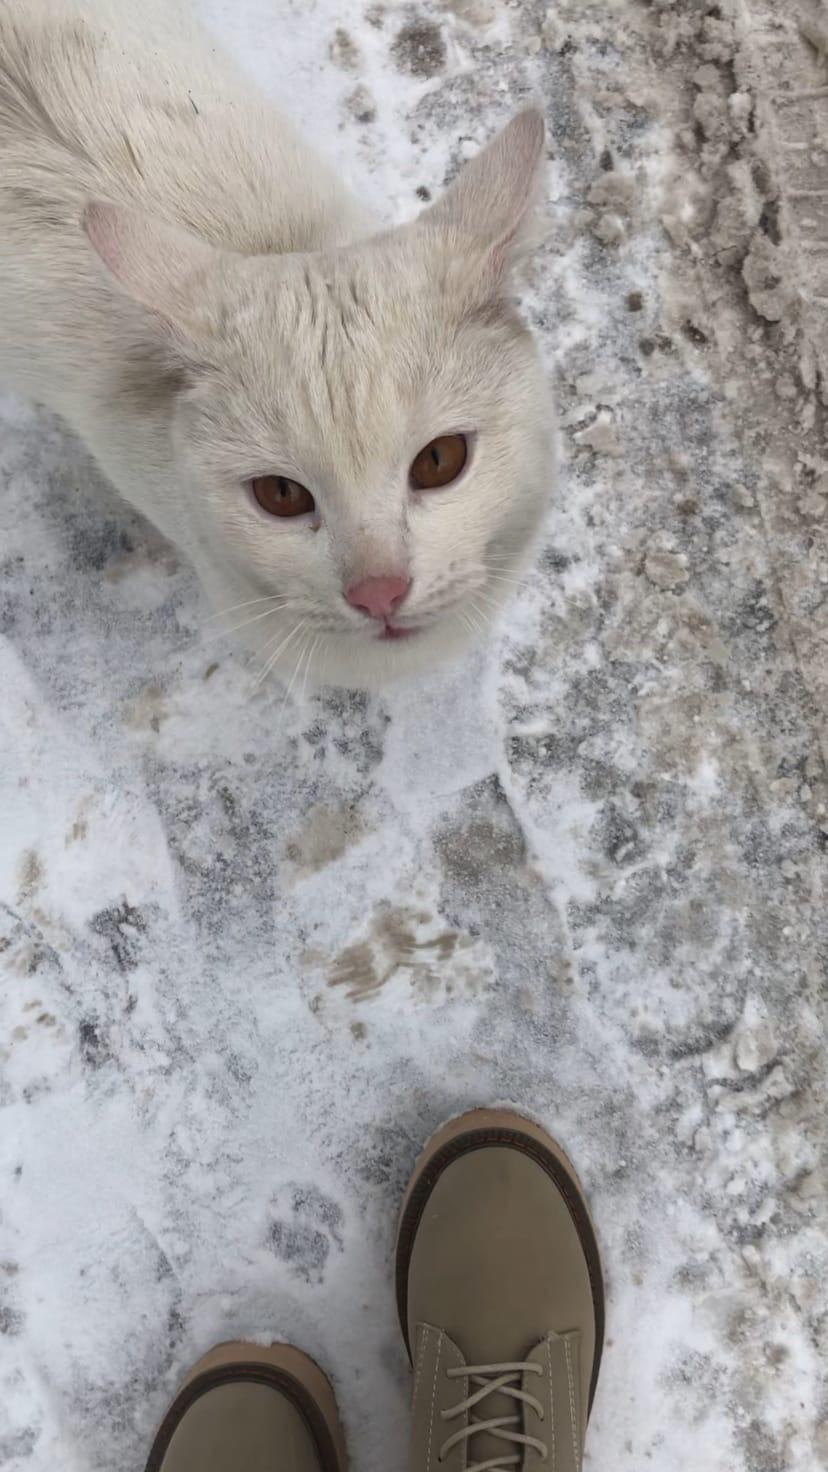 Около Кунцевской 13/6, большой высотки, круглой, около детского сада, бегает котик.